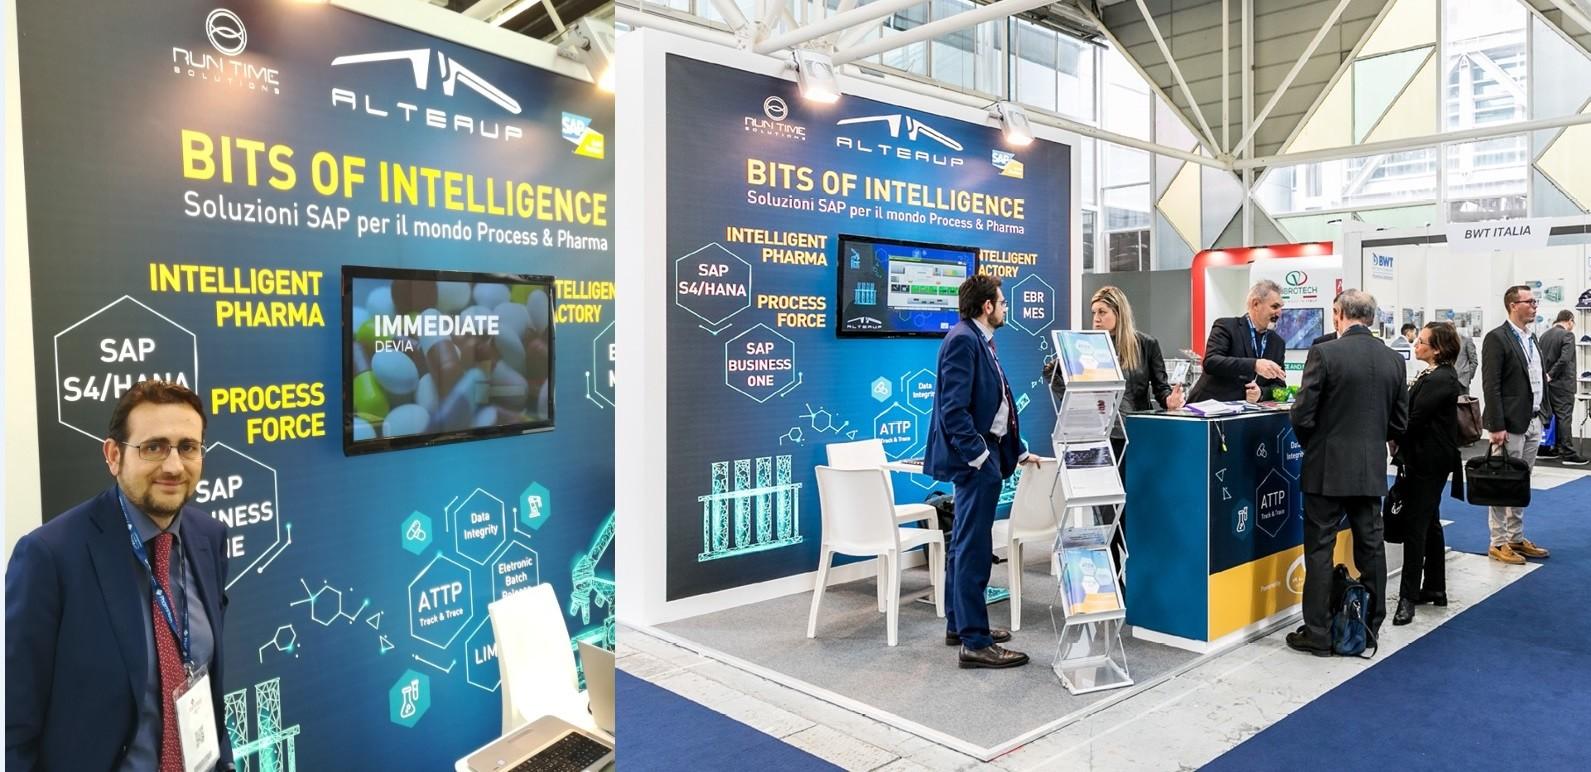 Altea Up, l'innovazione tecnologica e affidabilità nel farmaceutico